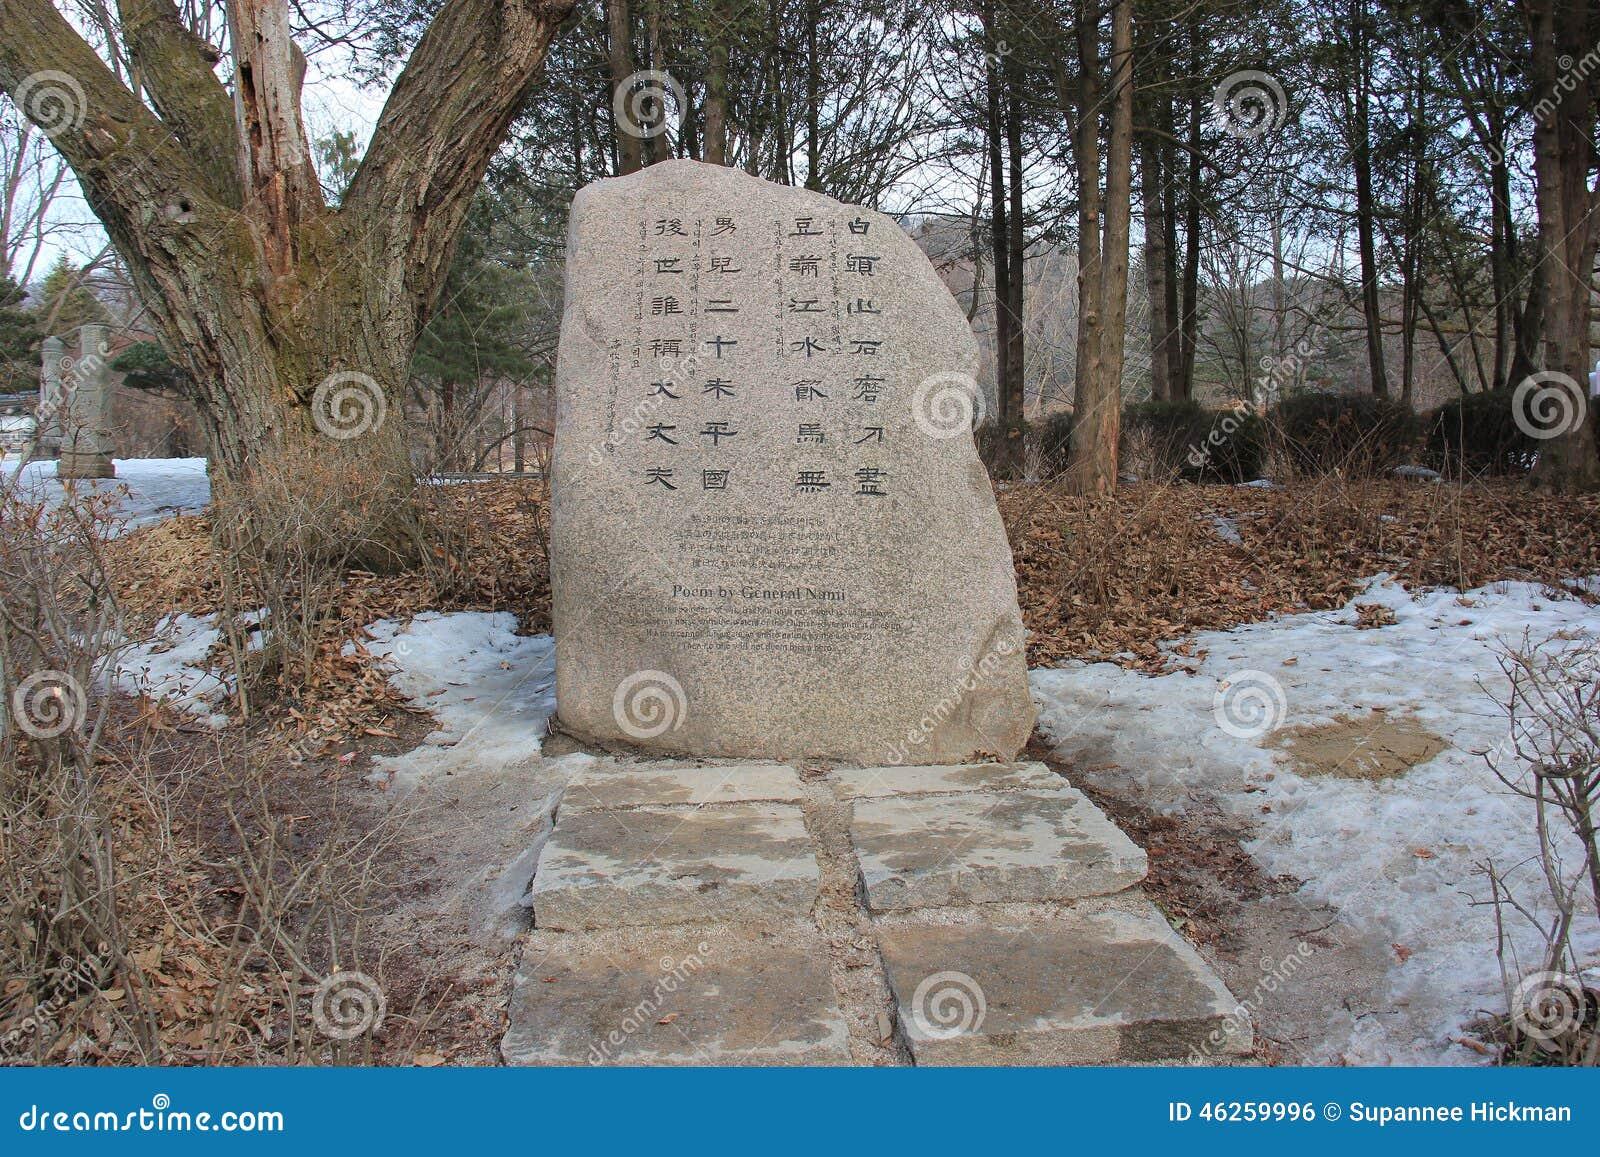 Wiersz Generałem Nami Napisał Na Kamieniu Na Nami Wyspie